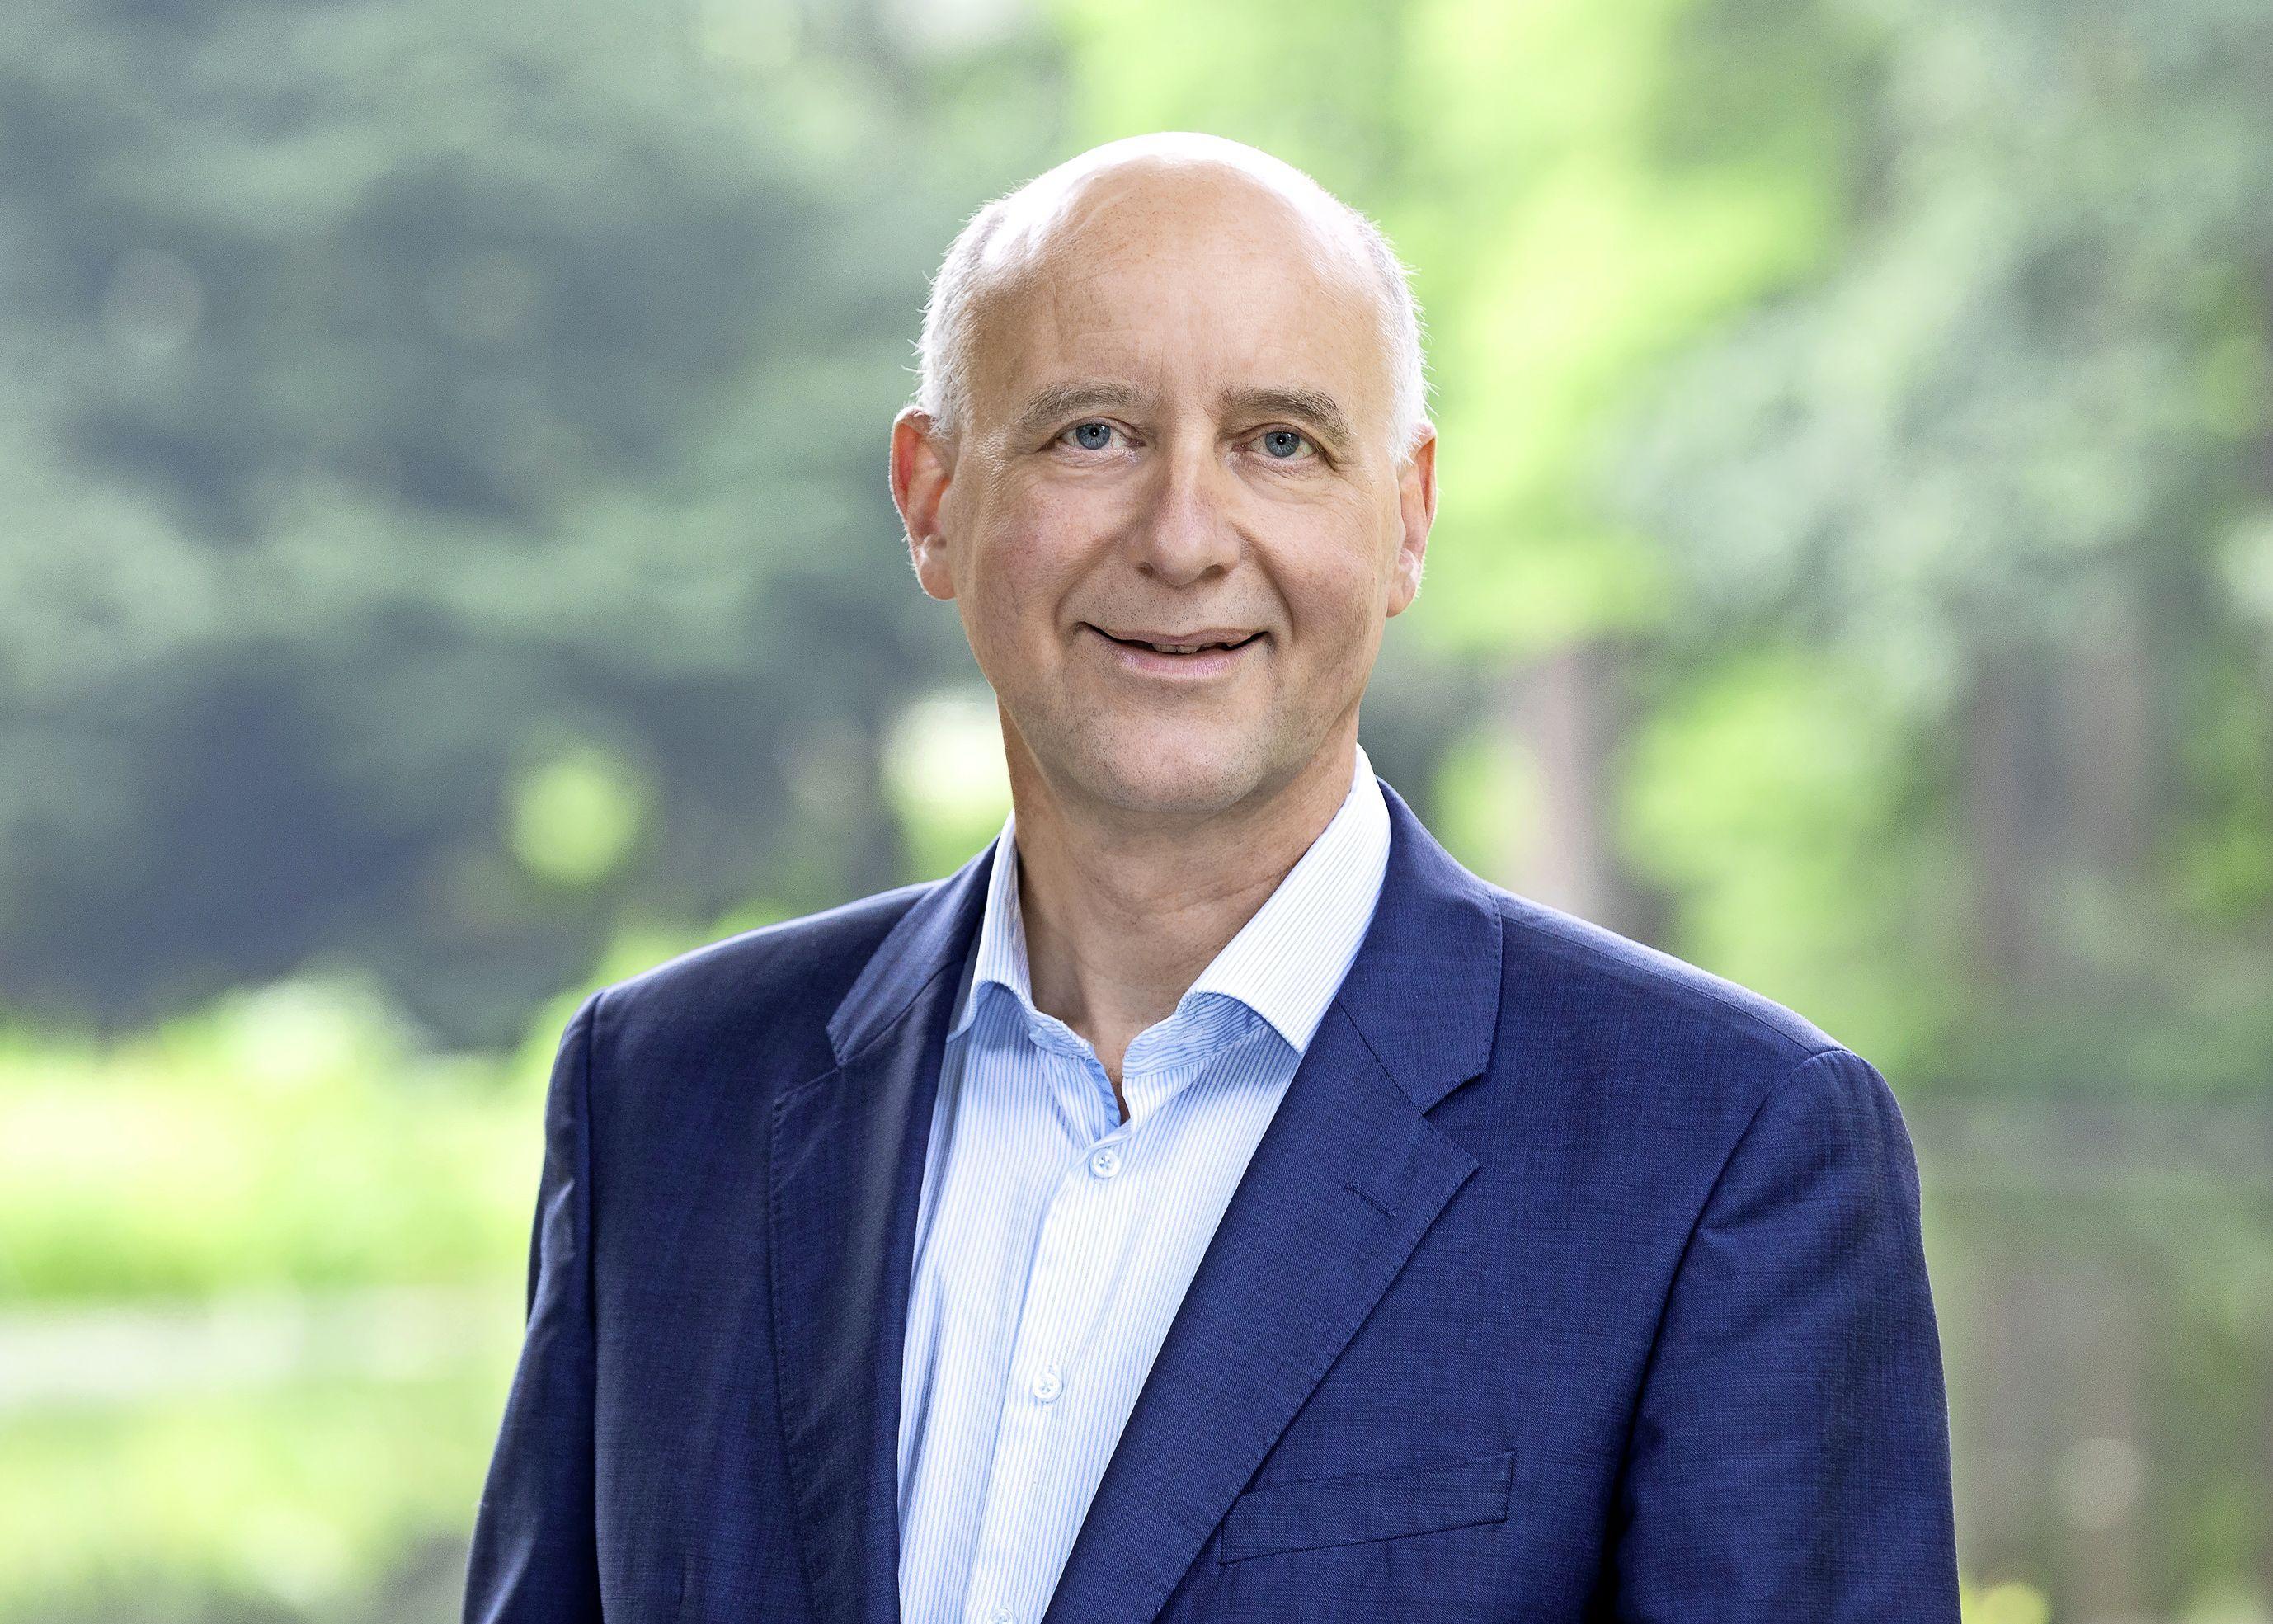 Cultuur raakt alles, vindt wethouder Arno van Kempen van Teylingen